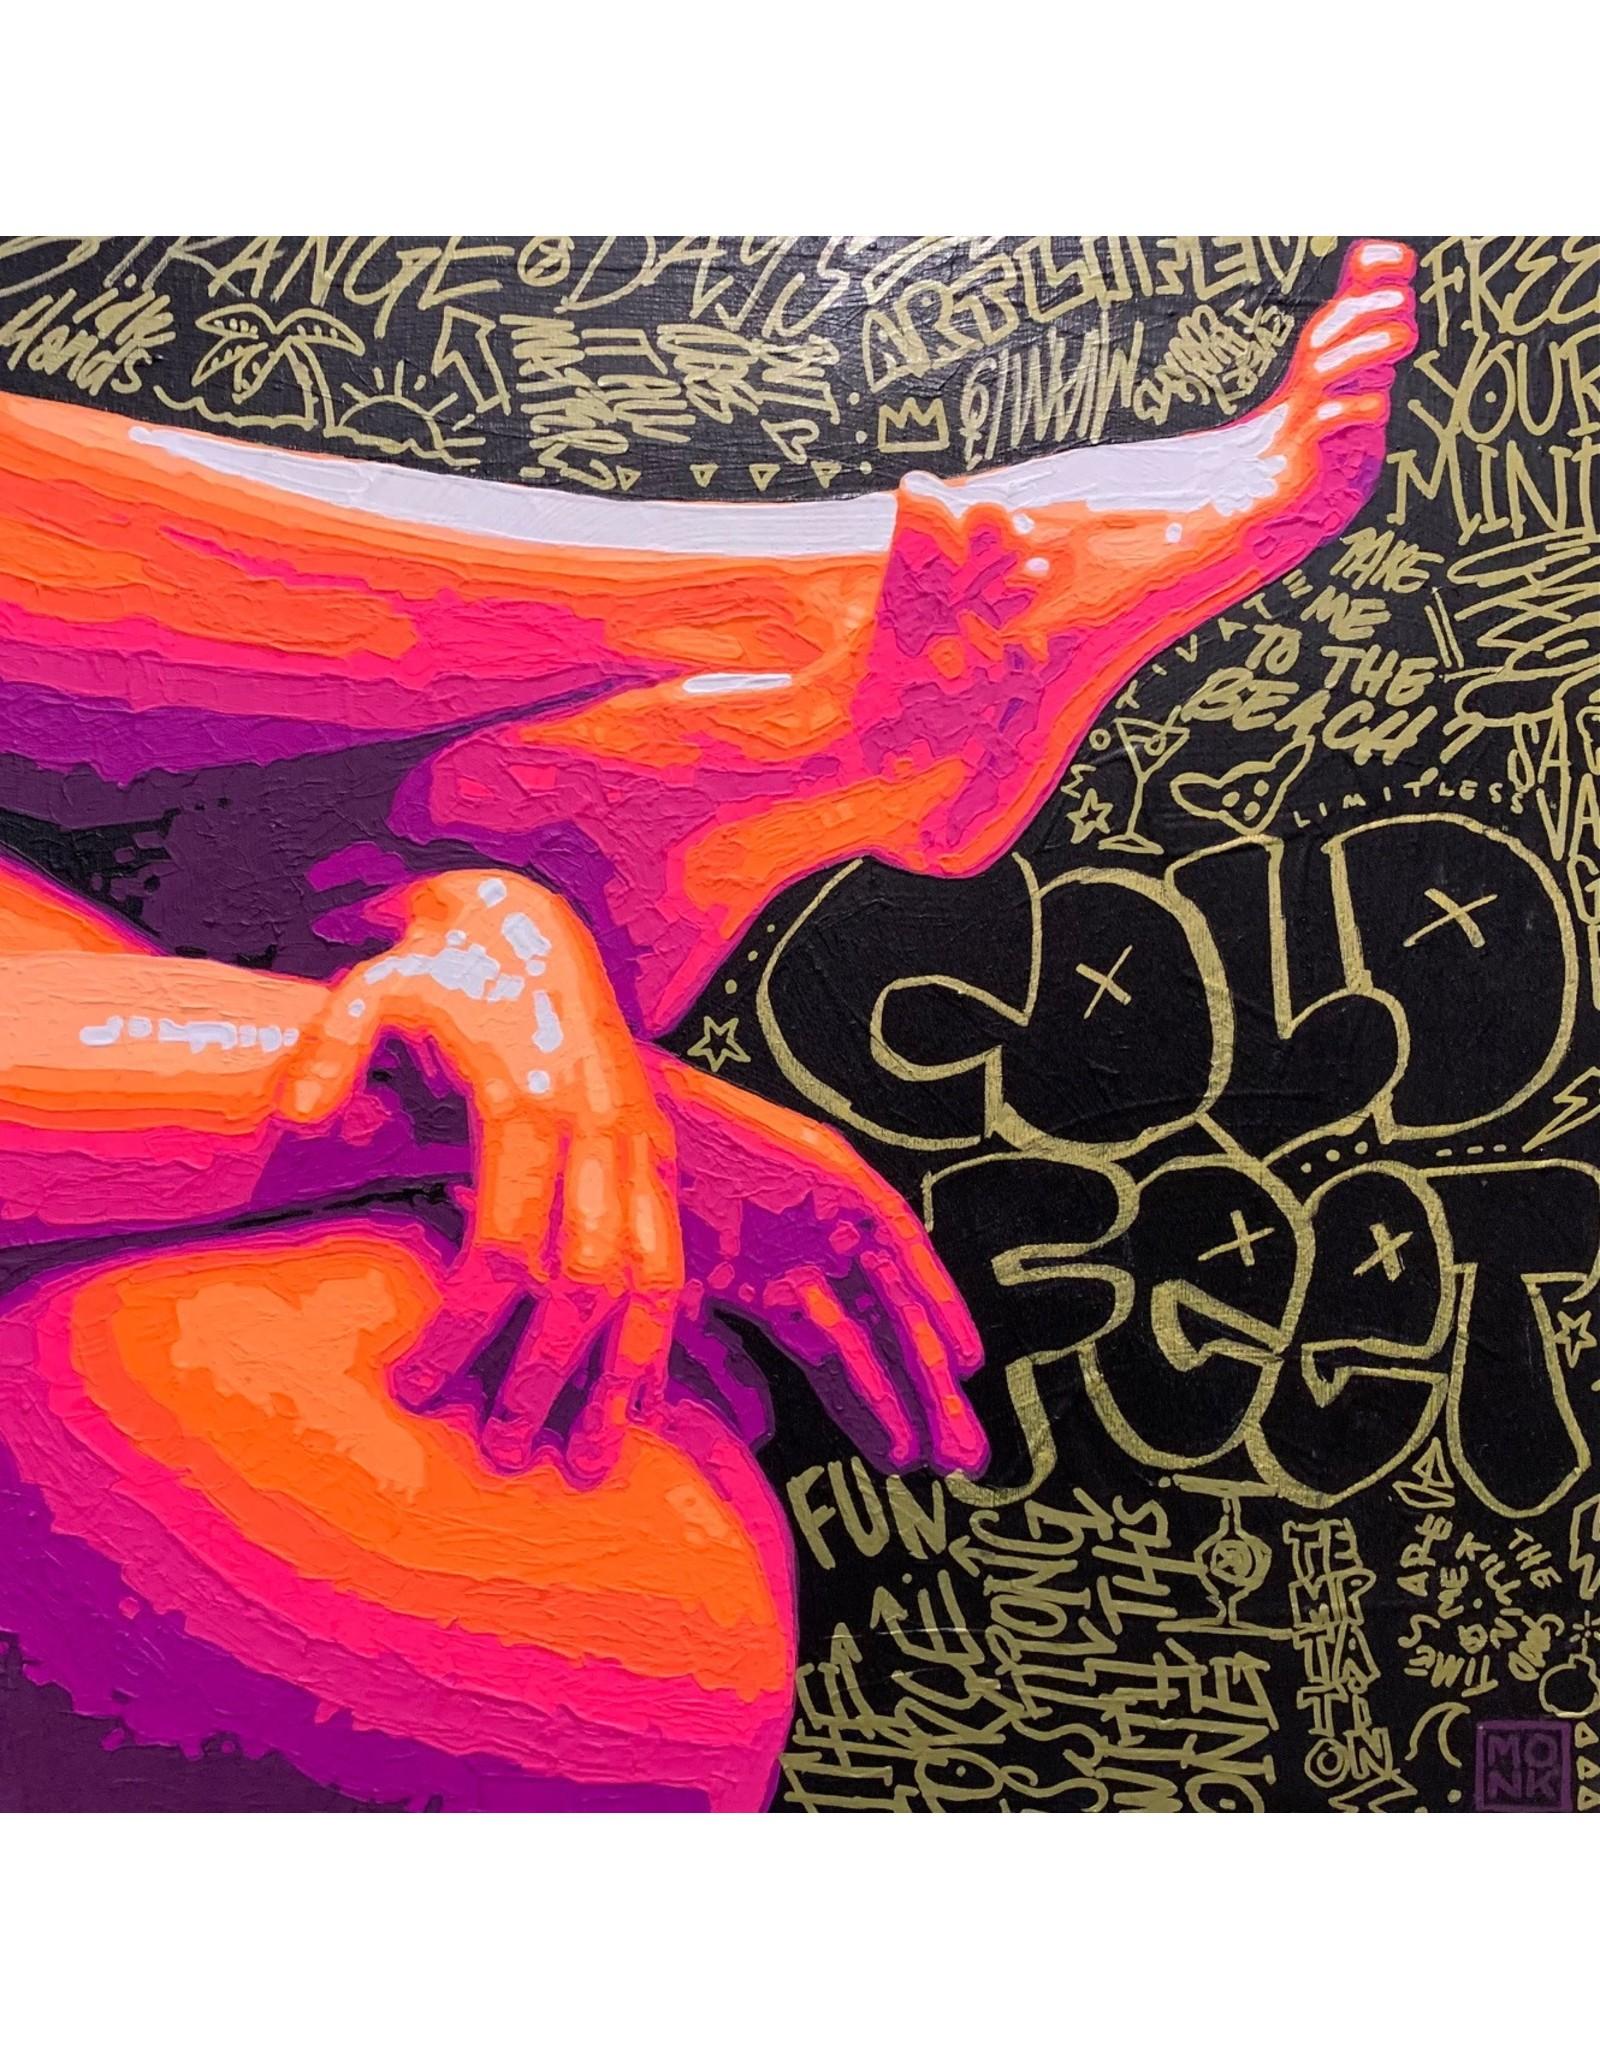 Todd Monk Todd Monk - Cold Feet